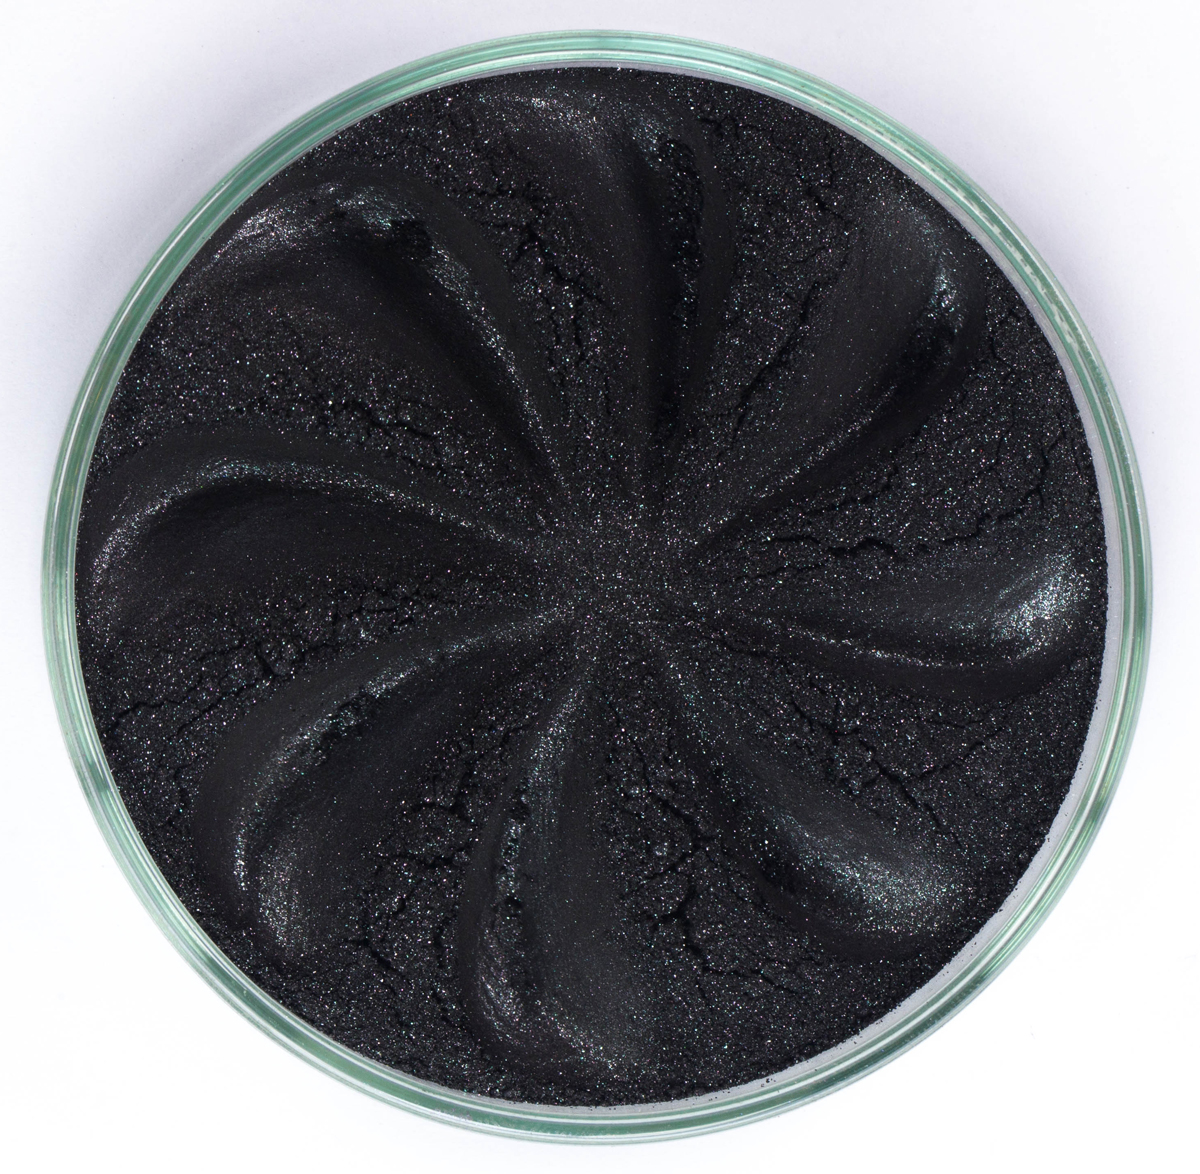 Era Minerals Минеральные Тени для век Jewel тон J35 (сияющий черный), 4 млEYJ35Тени для век Jewel обеспечивают комплексное покрытие, своим сиянием напоминающее как глубину, так и лучезарный блеск драгоценного камня. Текстура теней содержит в себе цвет-основу с содержанием крошечных мерцающих частиц, превосходно сочетающихся с основным цветом.Сильные и яркие минеральные пигментыМожно наносить как влажным, так и сухим способомБез отдушек и содержания масел, для всех типов кожиДерматологически протестировано, не аллергенноНе тестировано на животныхВес нетто 1г (стандартный размер)